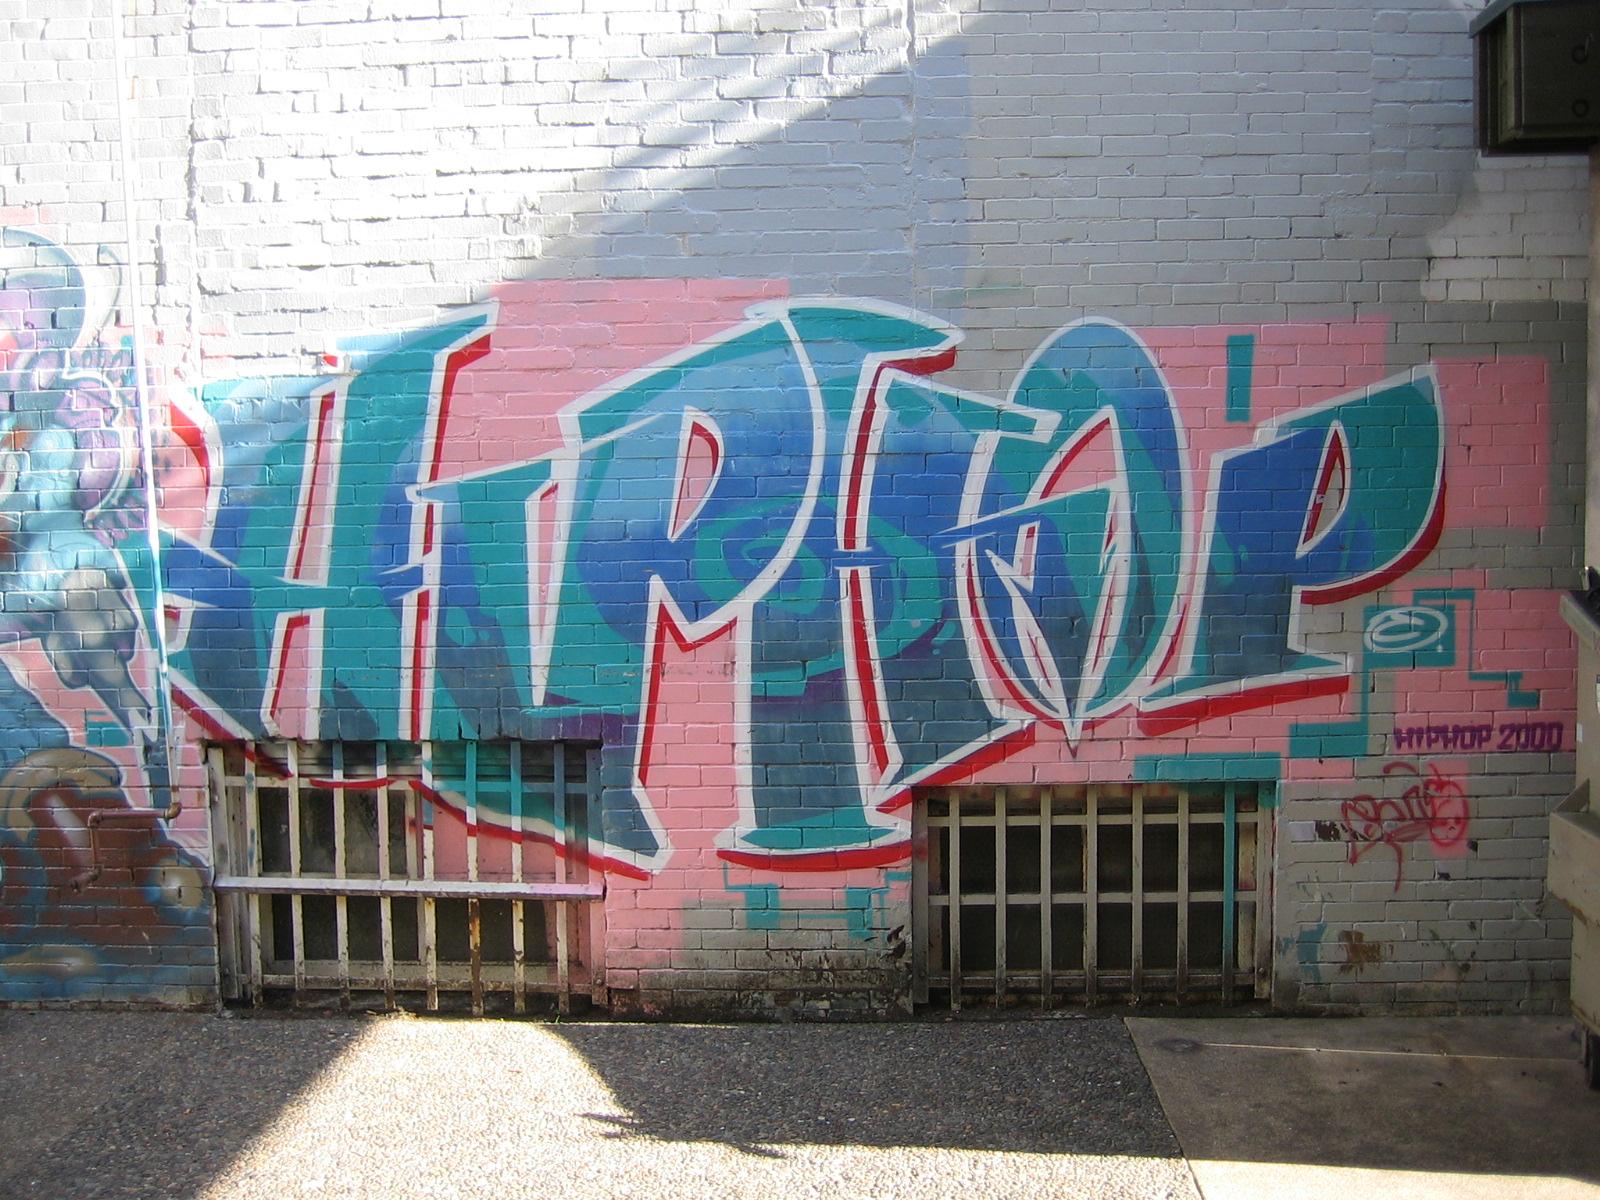 hiphopgraffiti1.jpg